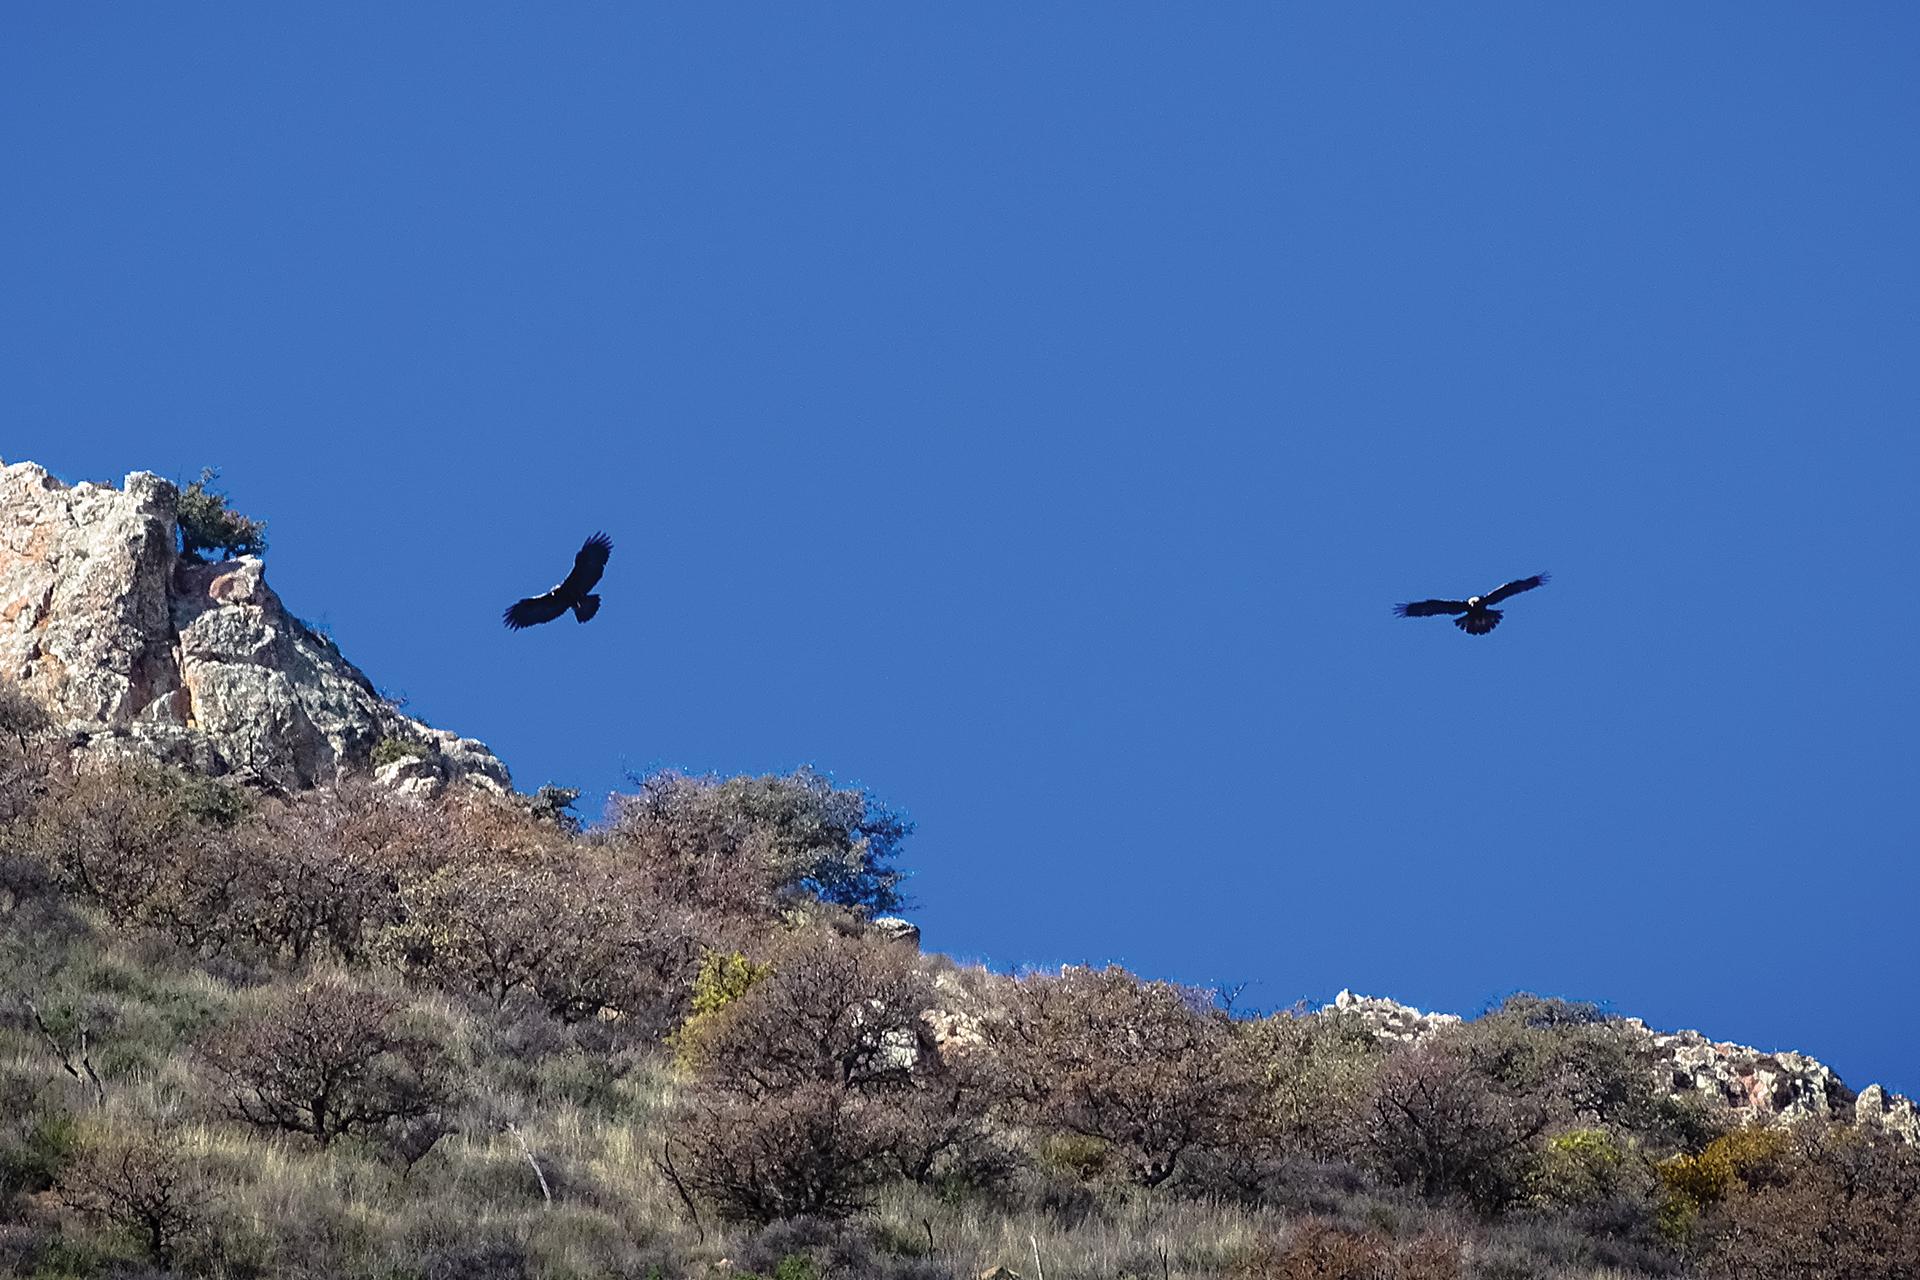 Pareja de águilas reales en vuelo